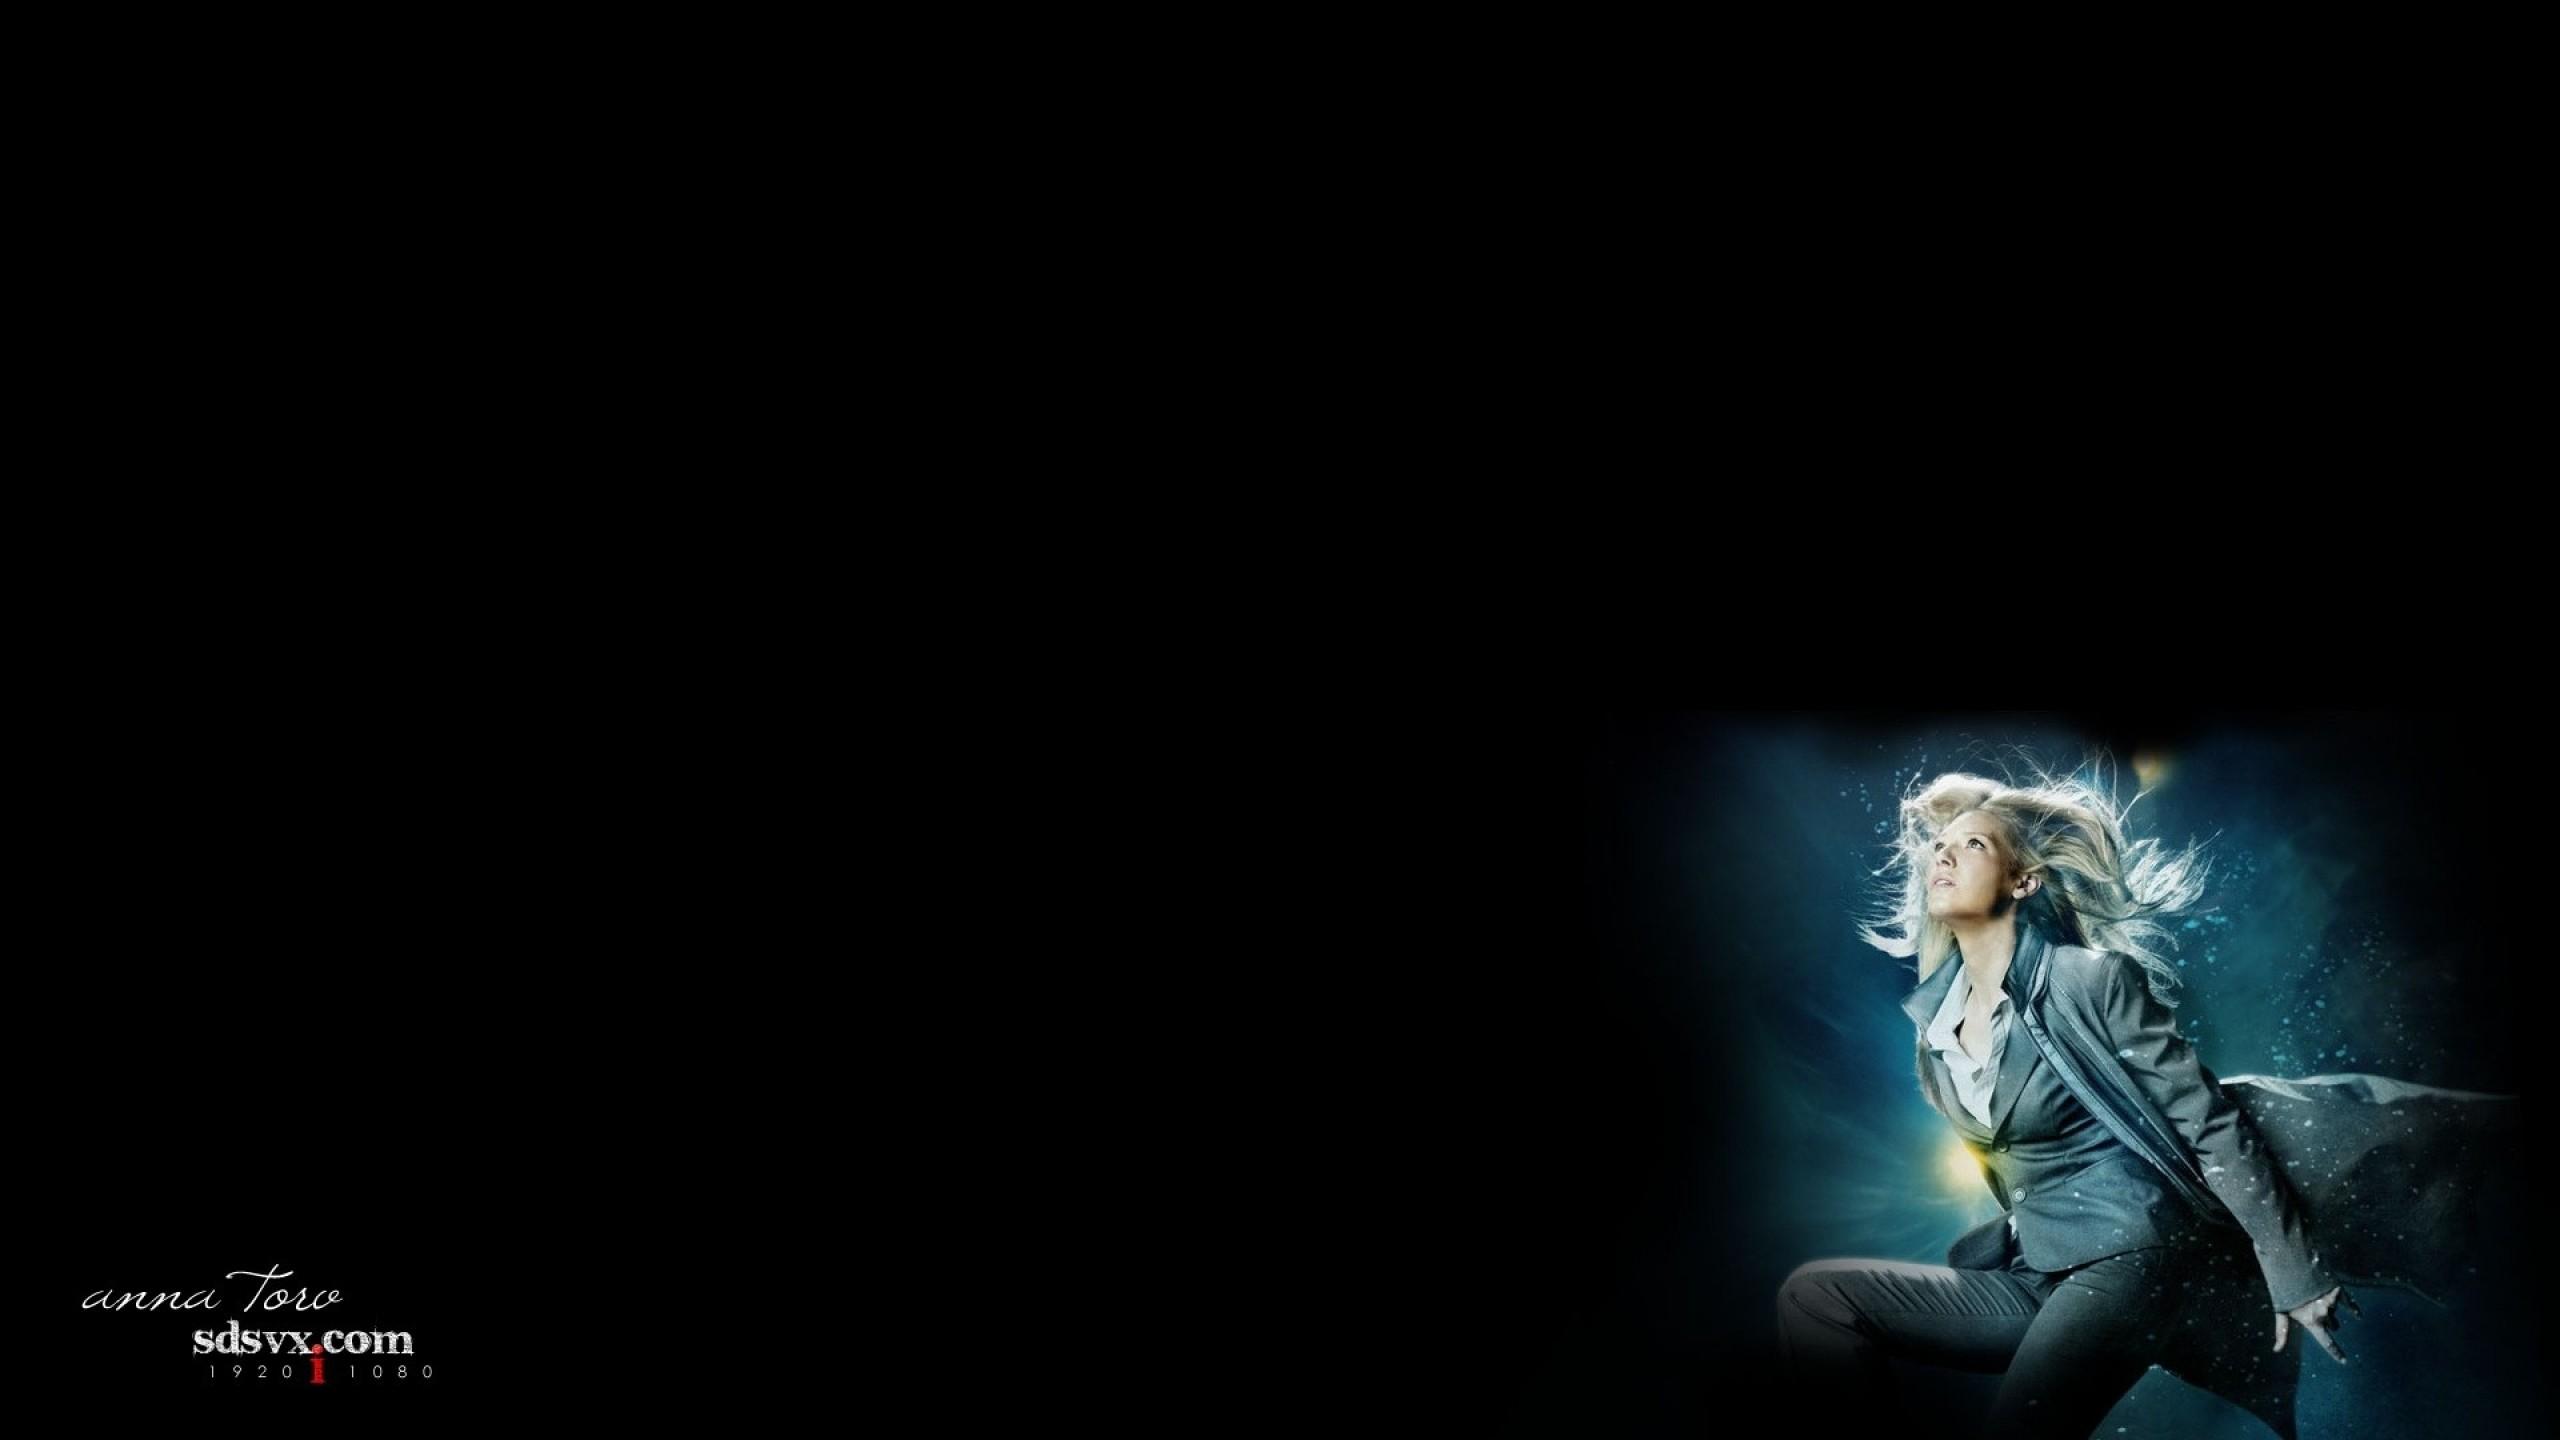 women models fringe anna torv vignette black background 1920×1080 wallpaper  Art HD Wallpaper